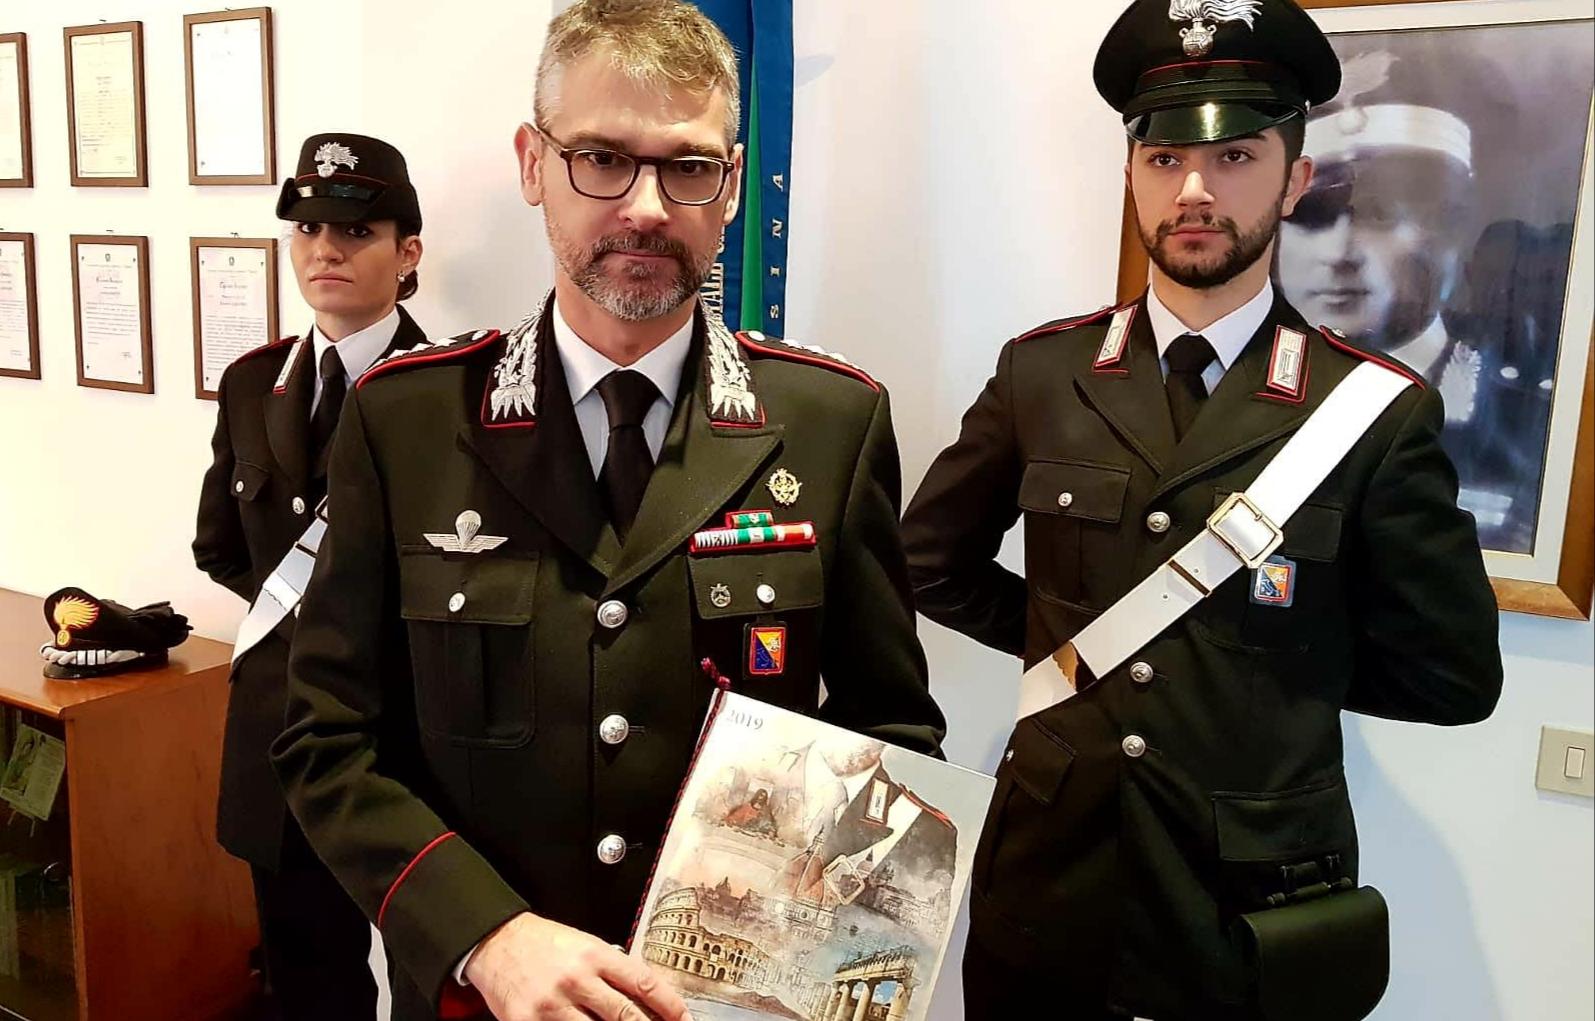 Calendario Storico Carabinieri 2019.Presentazione Del Calendario Storico 2019 Dell Arma Dei